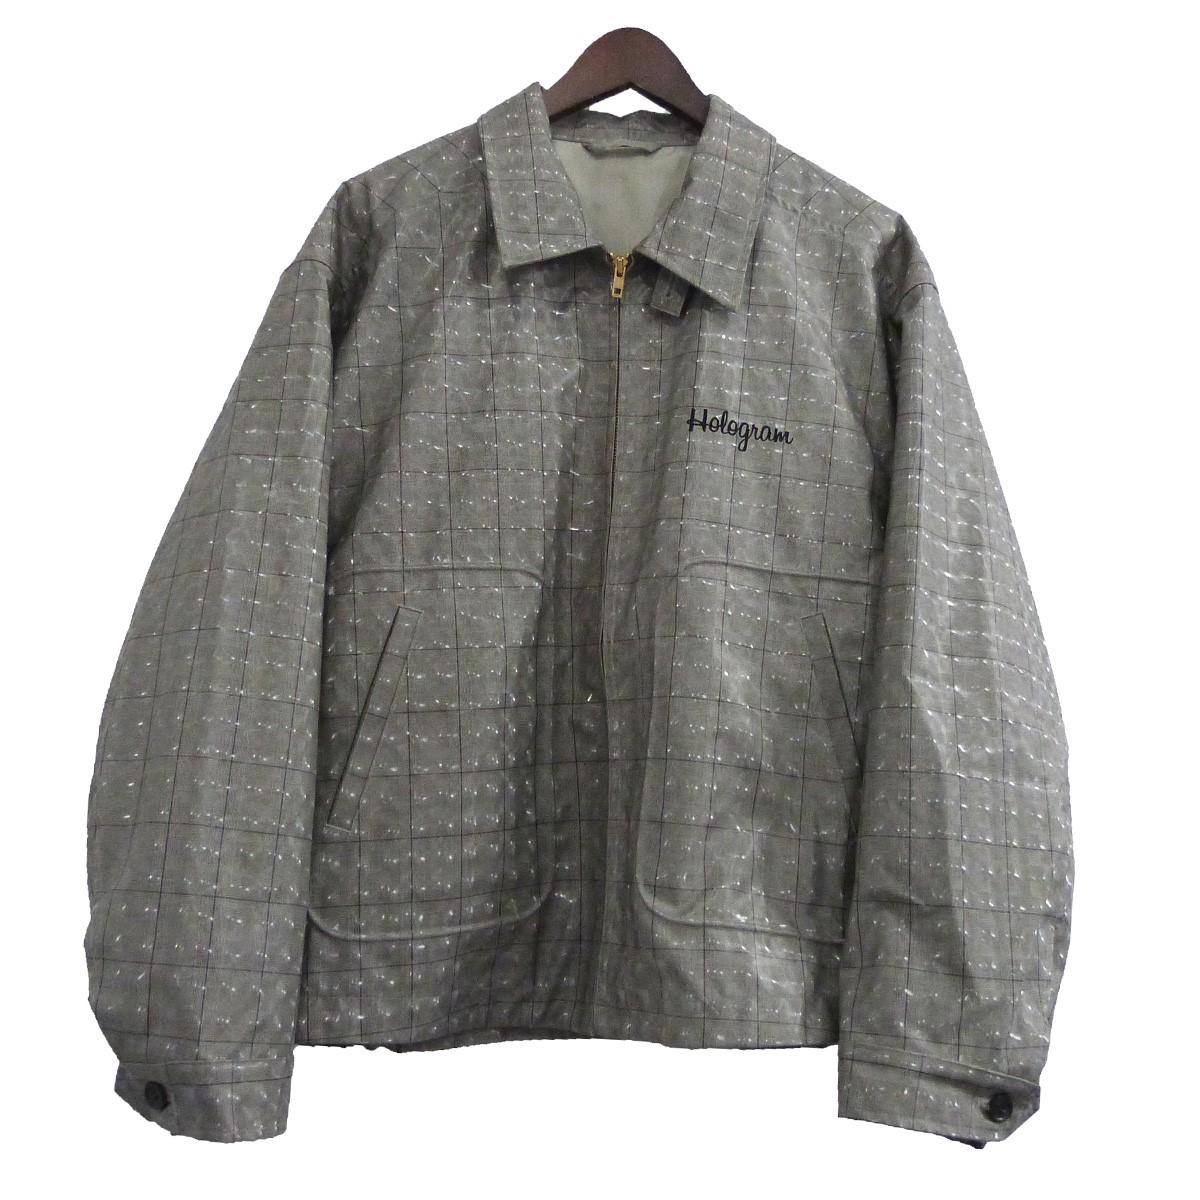 【中古】doublet 20SS ホログラムコーティングジャケット メタリックグレー サイズ:M 【100520】(ダブレット)